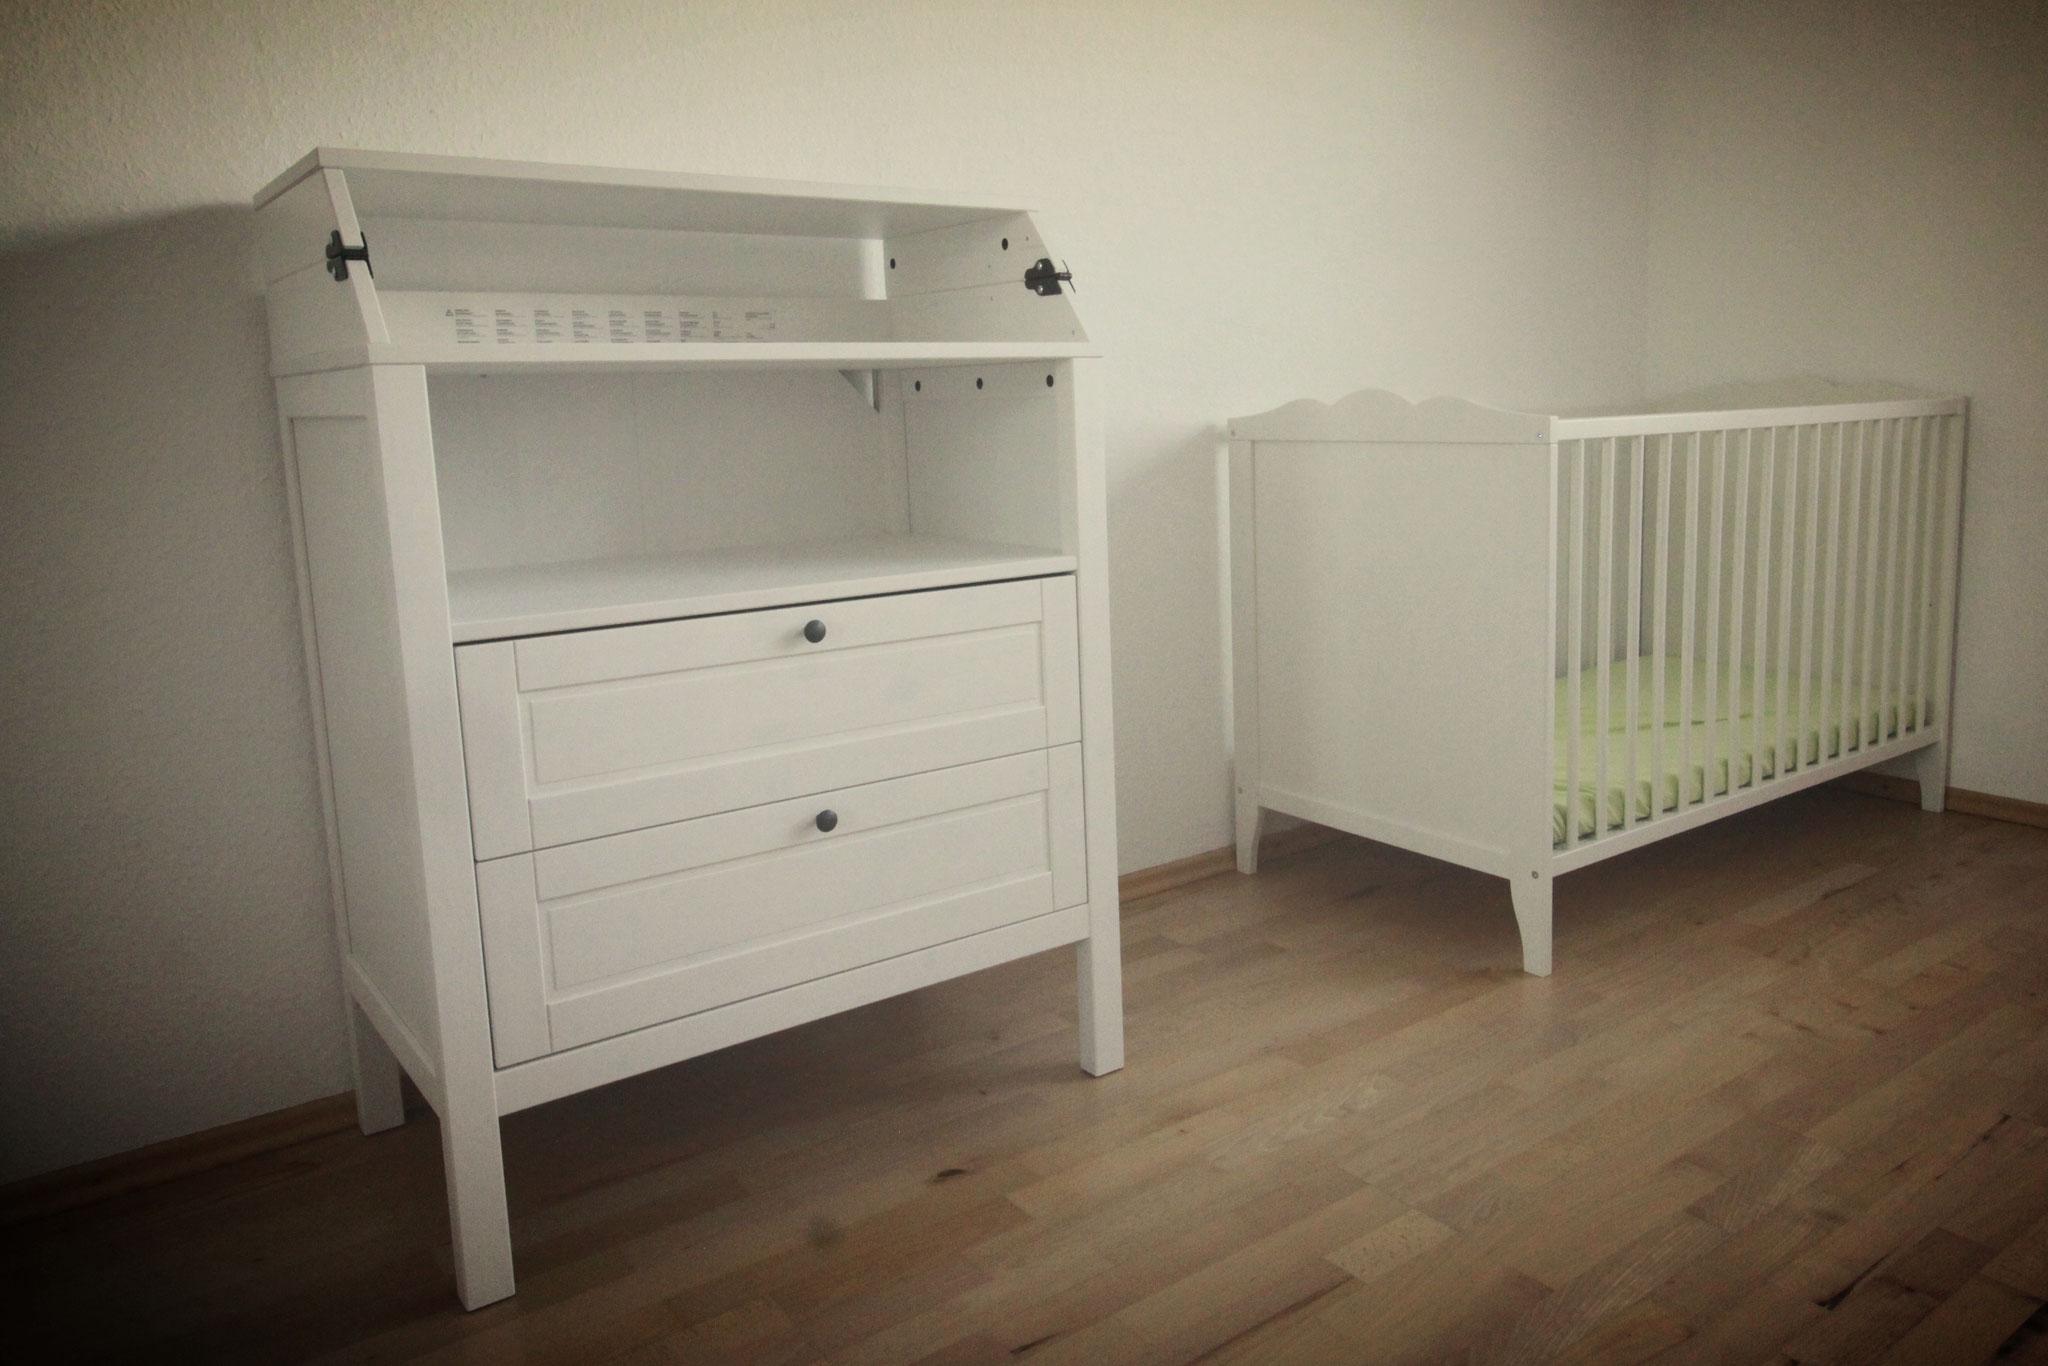 Ausklappbare Wickelkommode & Holz-Gitterbettchen im Schlafzimmer 1